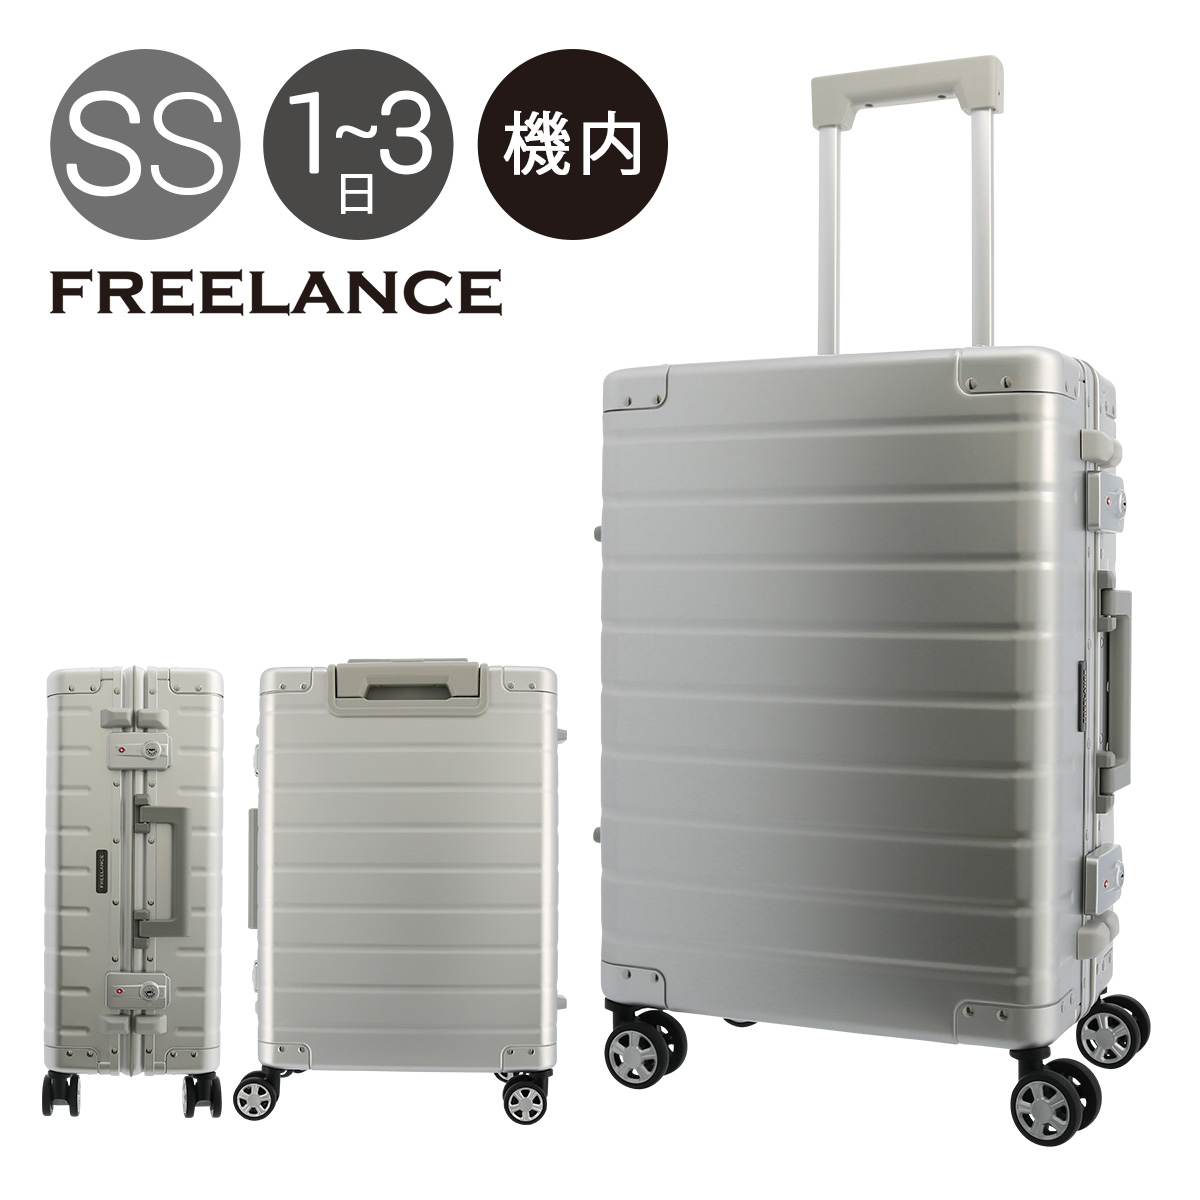 フリーランス スーツケース FLT-007 FREELANCE キャリーケース ビジネスキャリー[PO5][bef][即日発送]